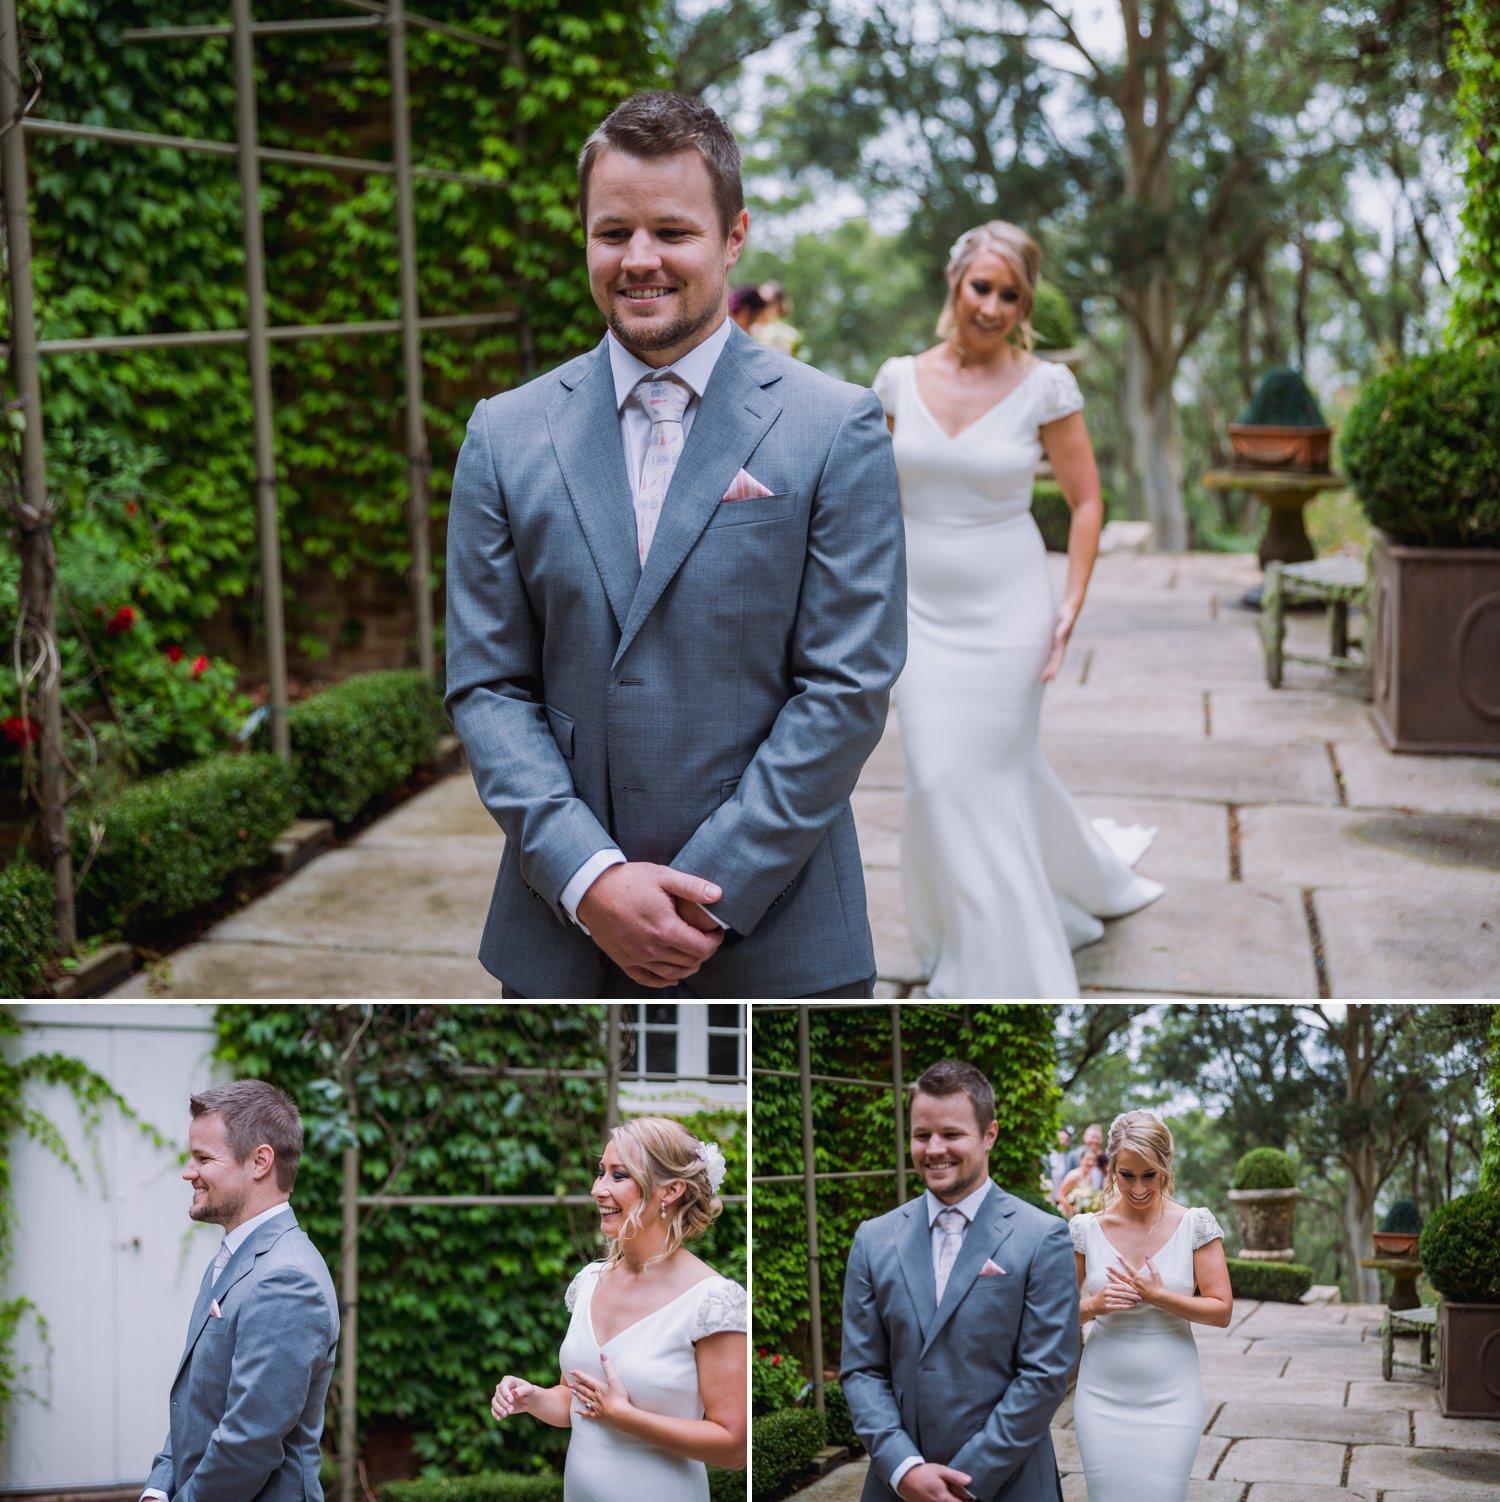 Sarah & Justin - Milton Park Wedding Photography 19.jpg